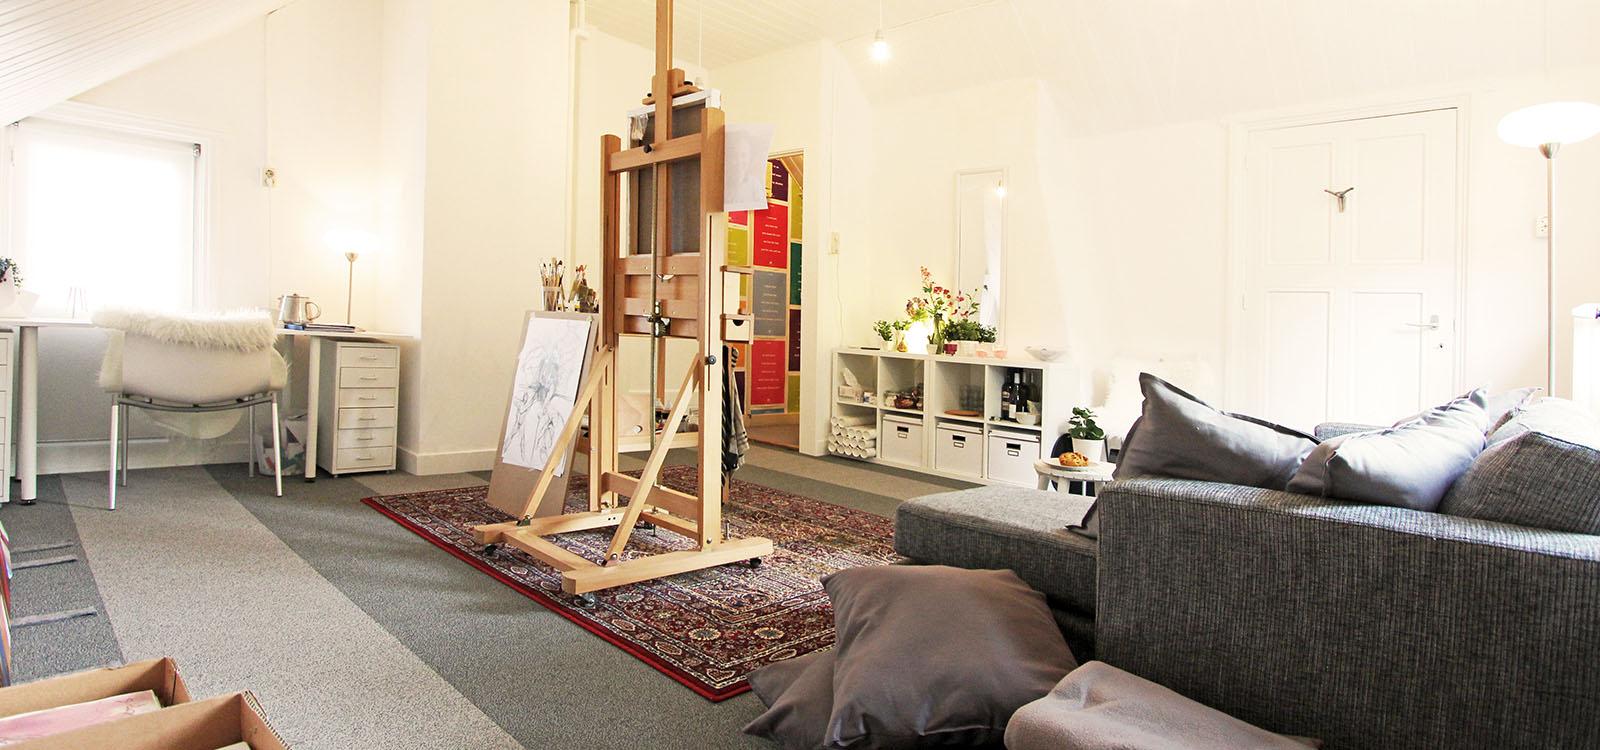 atelier coen van ham foto nicole minneboo